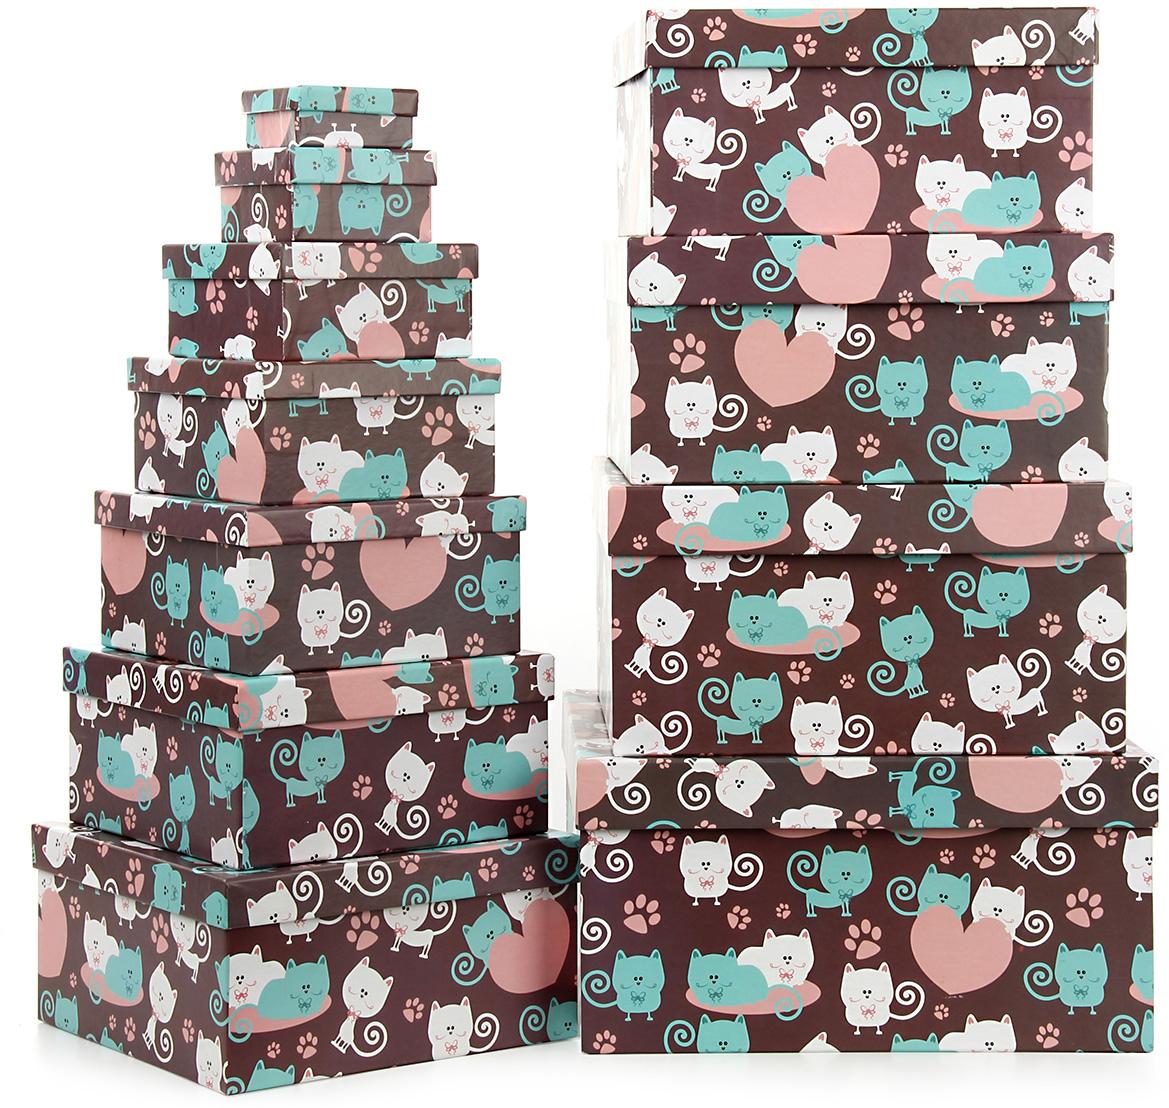 Набор подарочных коробок Veld-Co Усы, лапы и хвост, 11 шт57624Подарочные коробки Veld-Co - это наилучшее решение, если выхотите порадовать ваших близких и создать праздничное настроение, ведь подарок, преподнесенный в оригинальной упаковке, всегда будет самым эффектным и запоминающимся. Окружите близких людей вниманием и заботой, вручив презент в нарядном, праздничном оформлении.